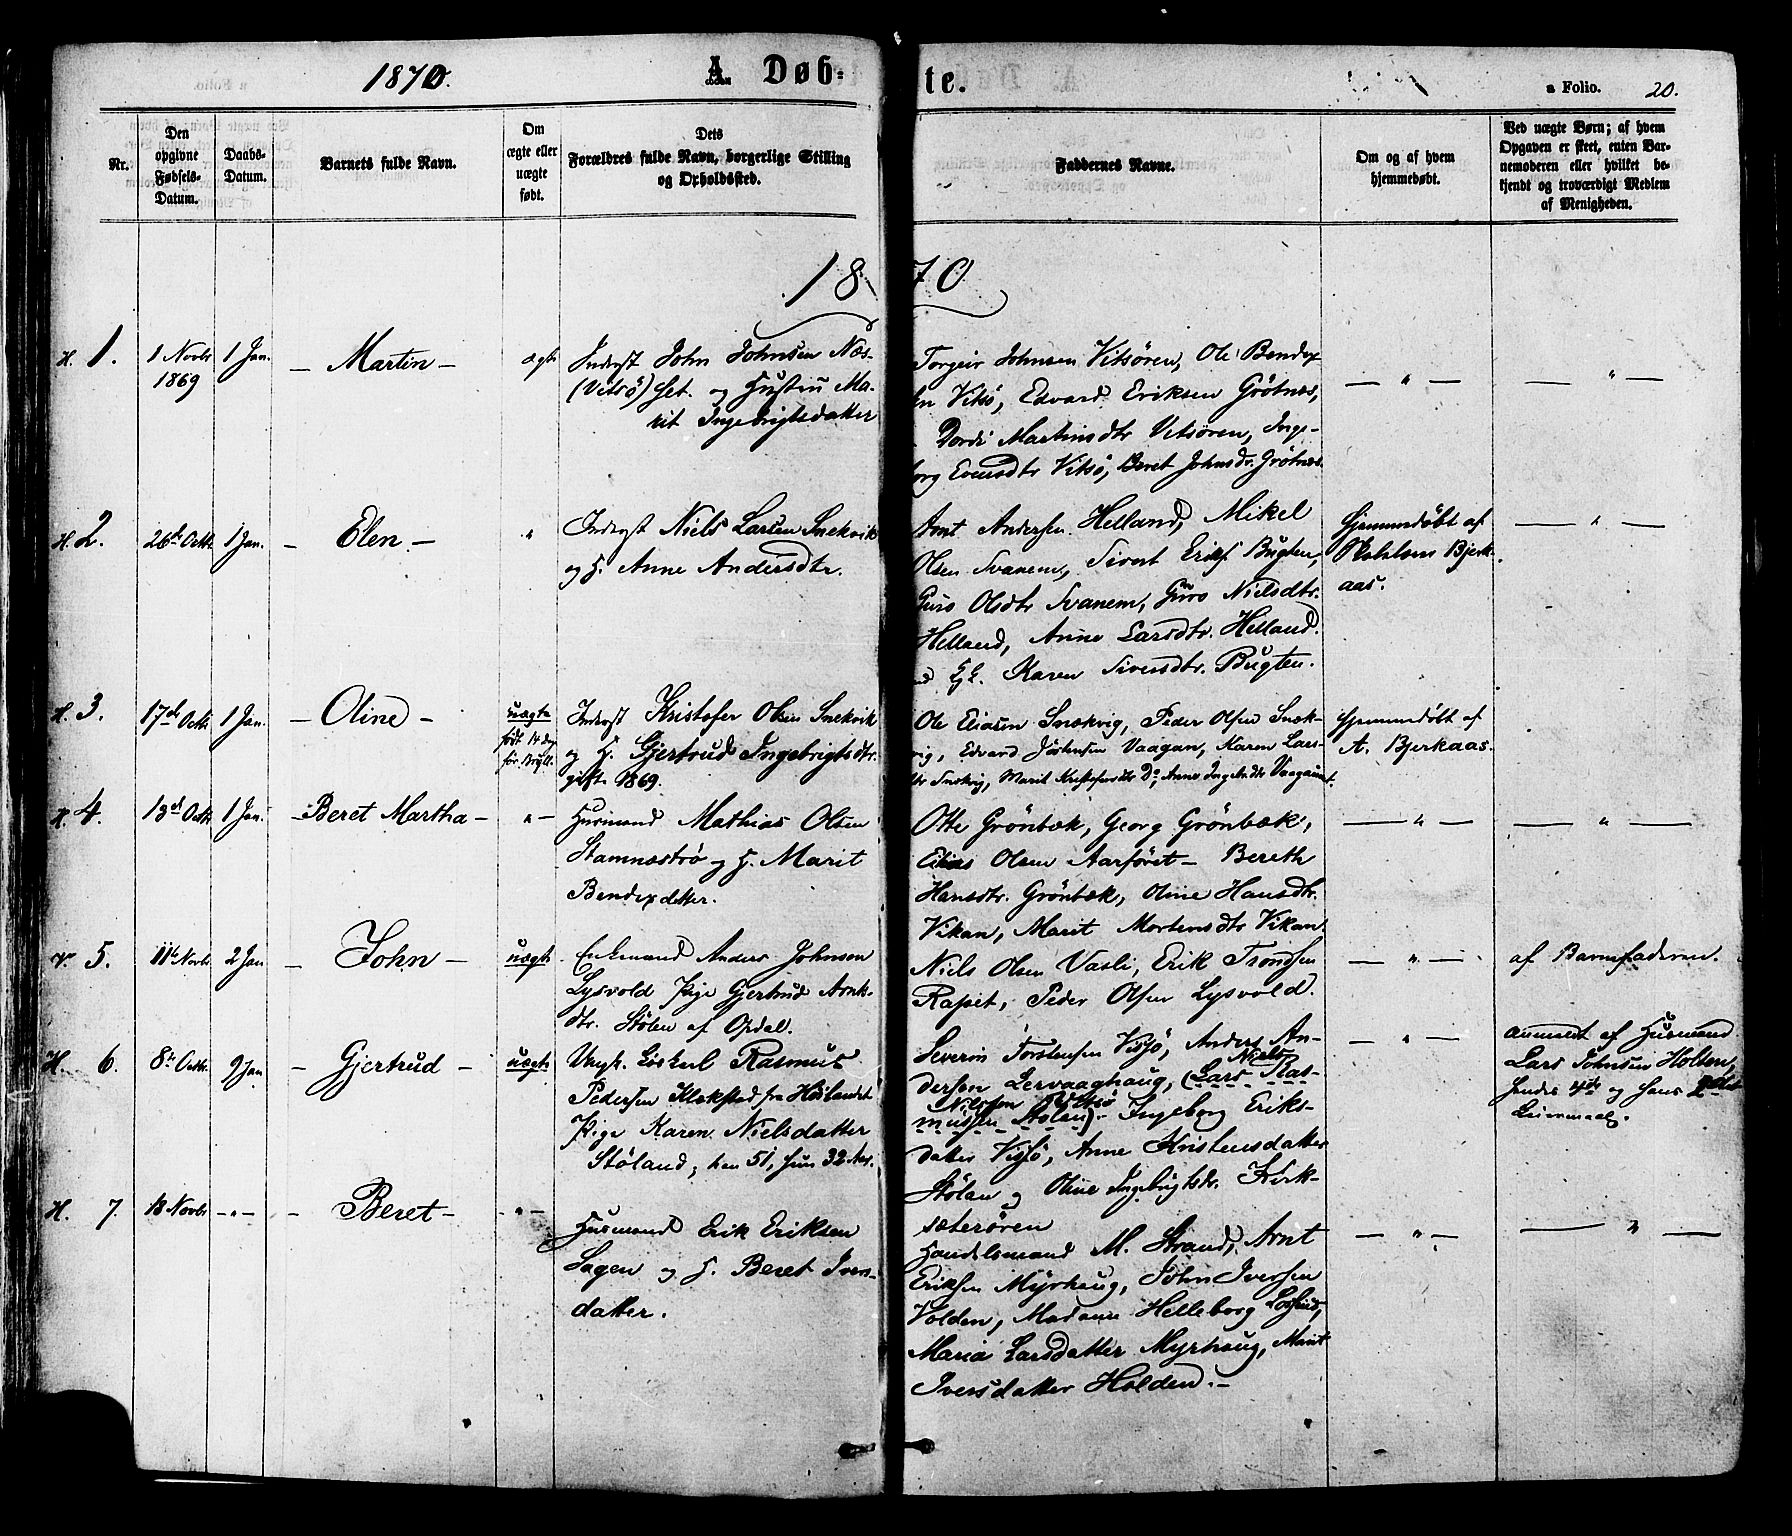 SAT, Ministerialprotokoller, klokkerbøker og fødselsregistre - Sør-Trøndelag, 630/L0495: Ministerialbok nr. 630A08, 1868-1878, s. 20